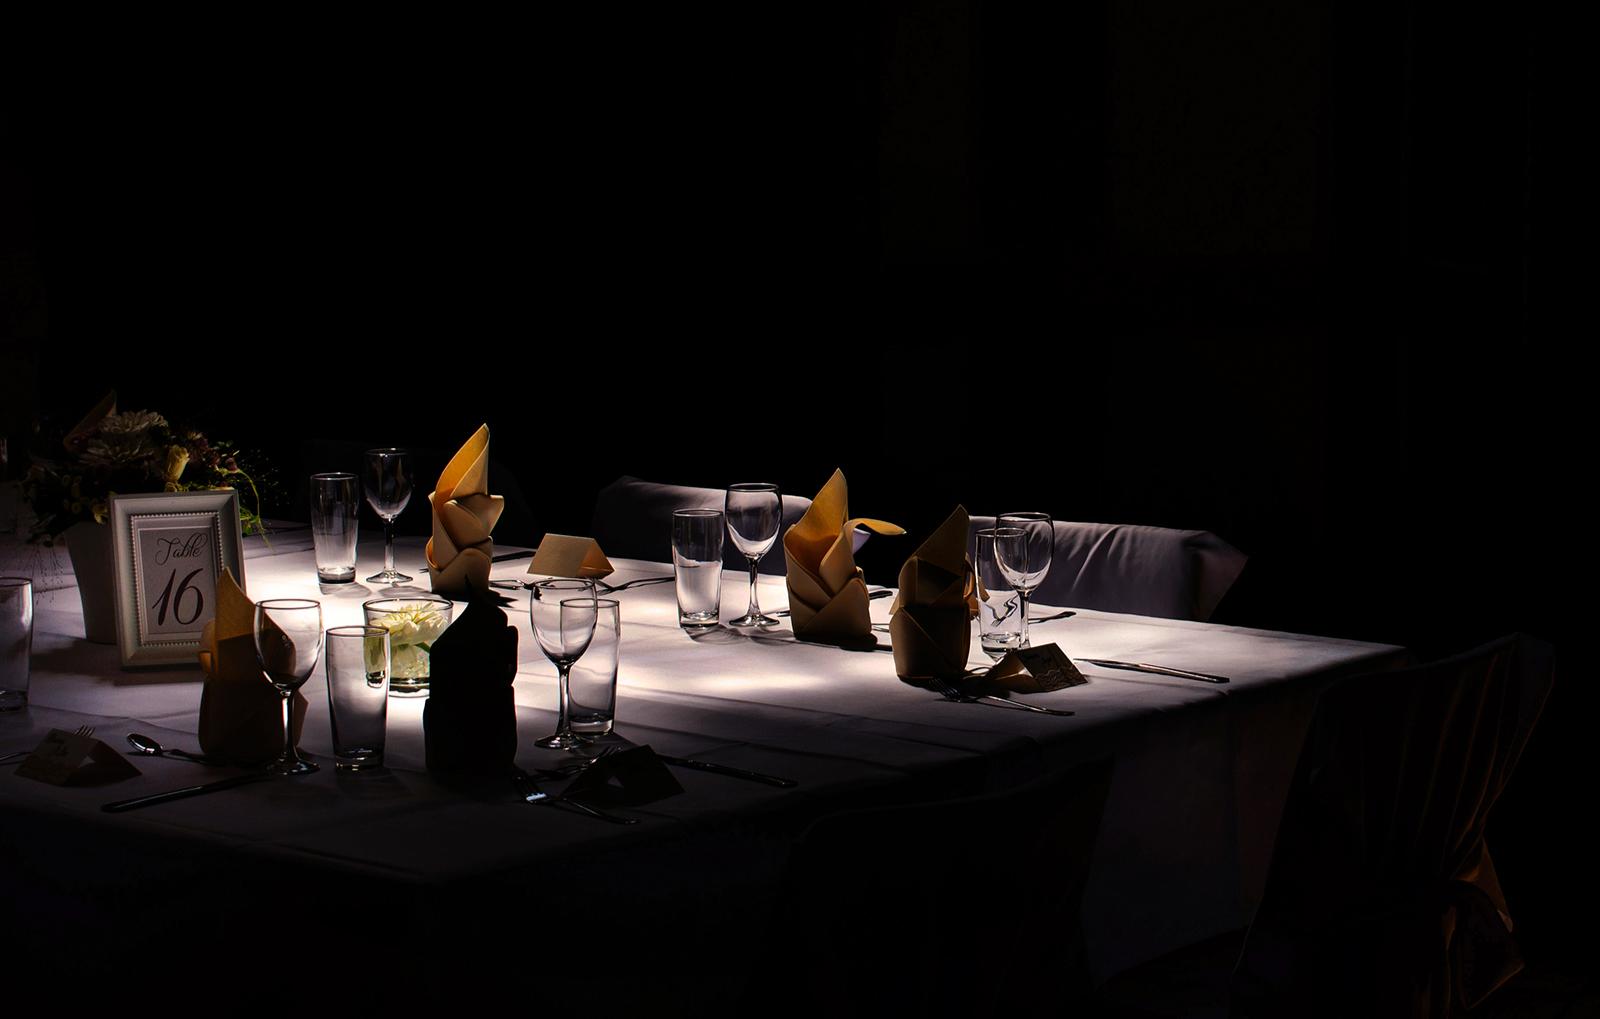 box_dinner-in-the-dark_3-gaenge-menue-hotel-innsbruck-innsbruck-bg4